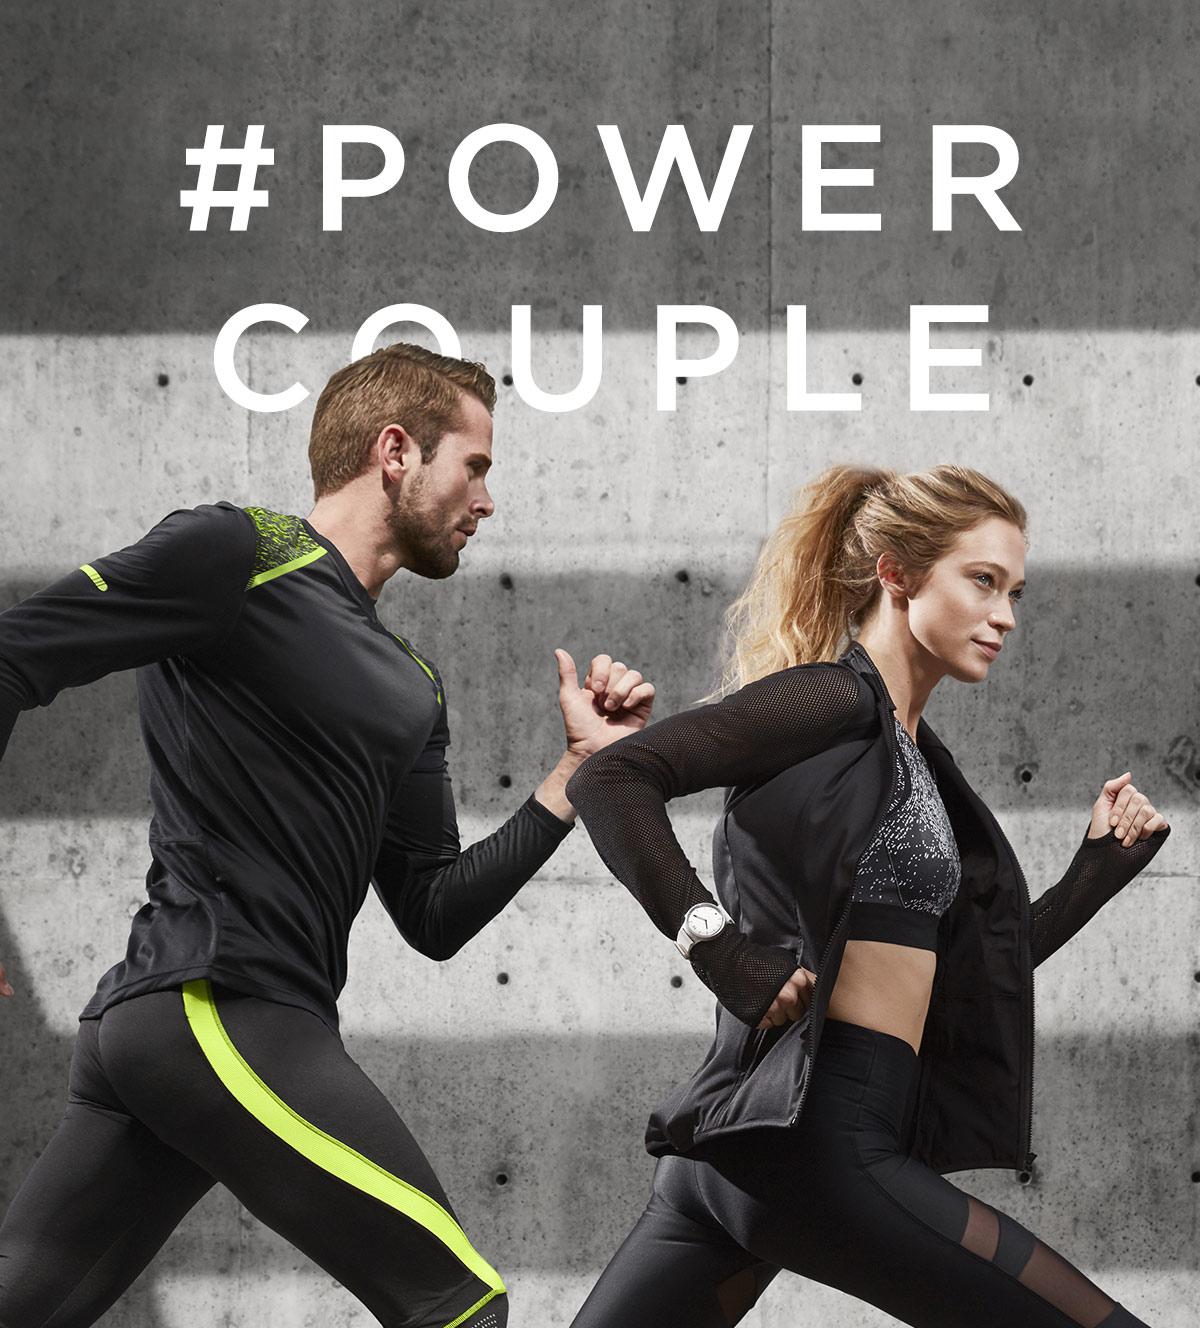 #powercouple